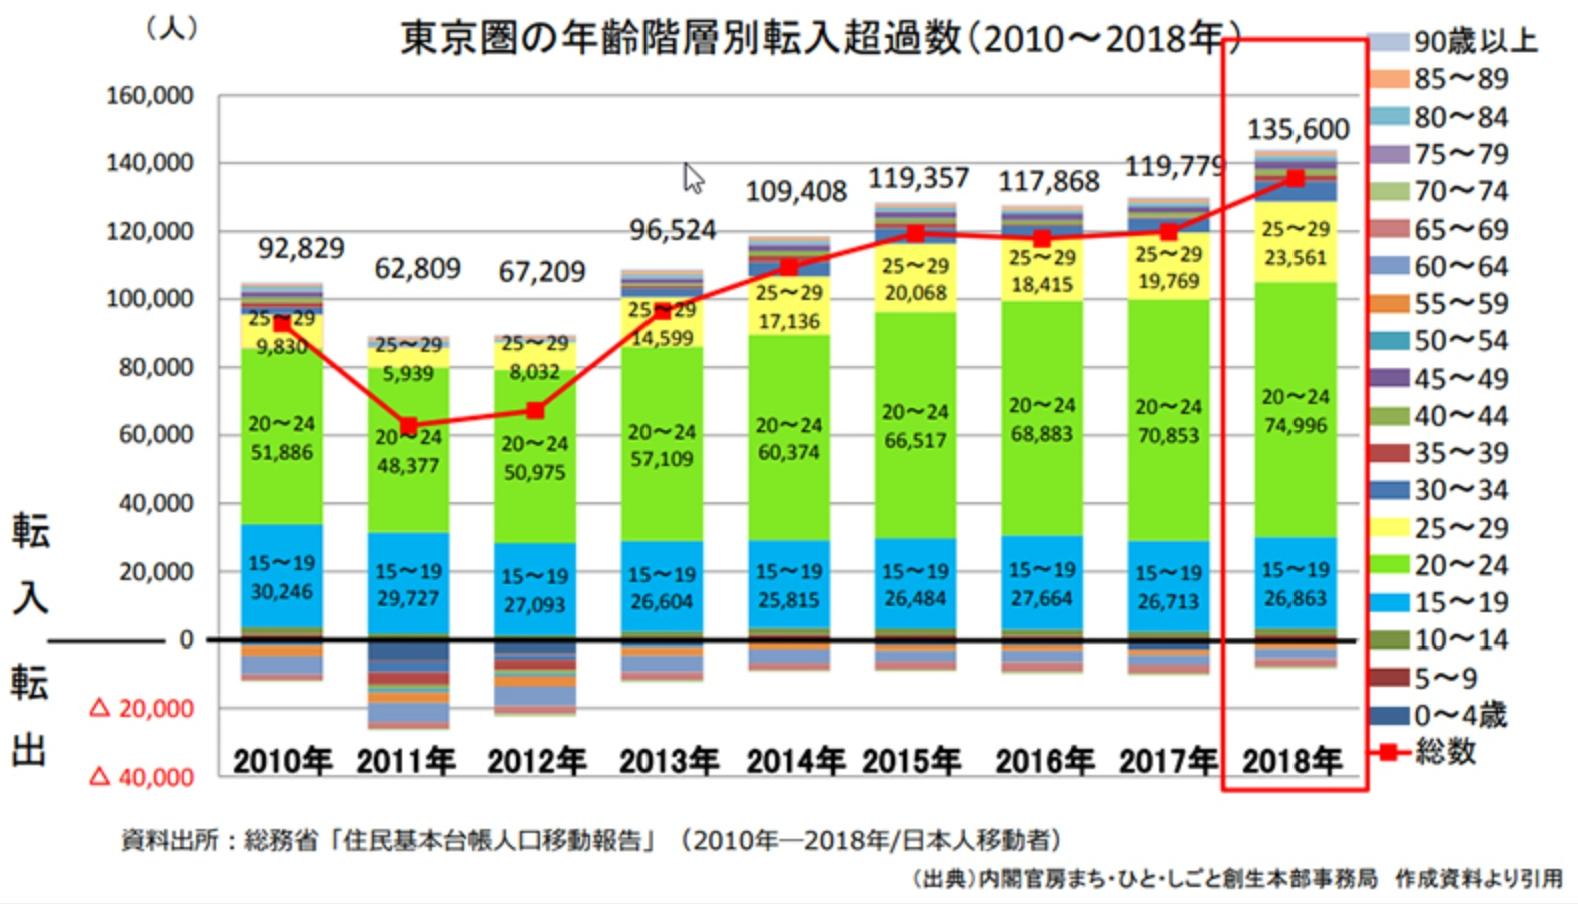 年代別の東京圏転入超過数